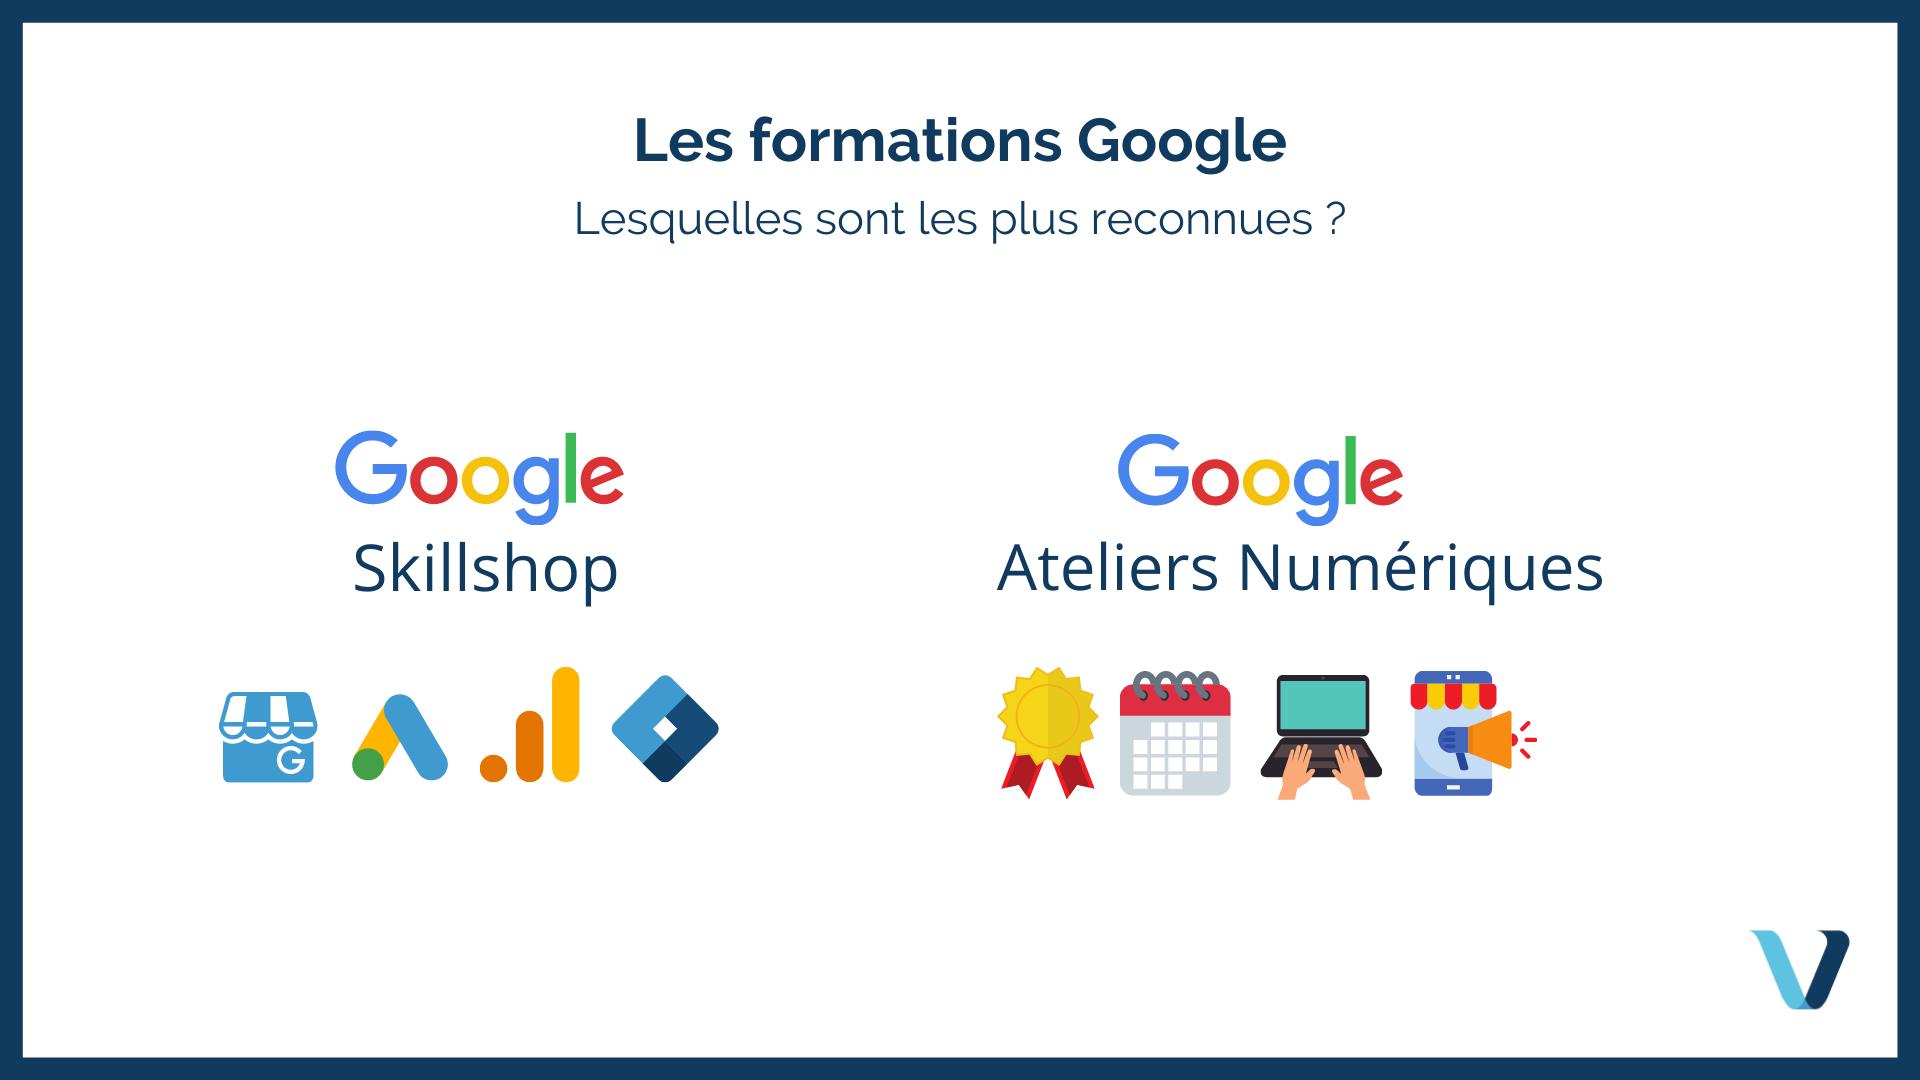 Quelles sont les formations que Google propose ?